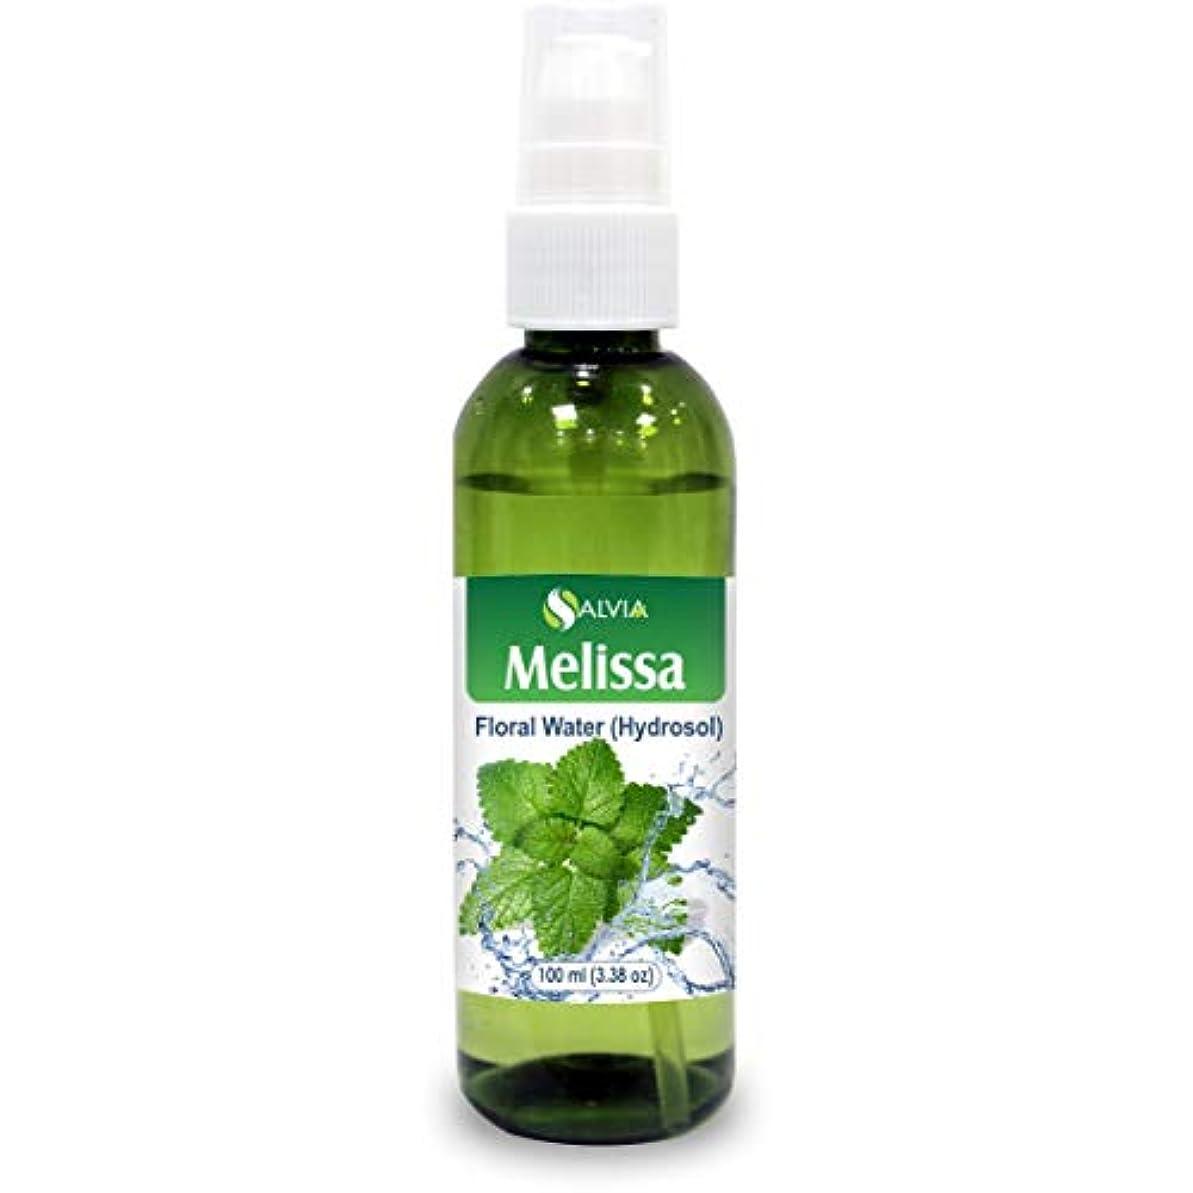 プランター小道カリキュラムMelissa (Lemon Balm) Floral Water 100ml (Hydrosol) 100% Pure And Natural